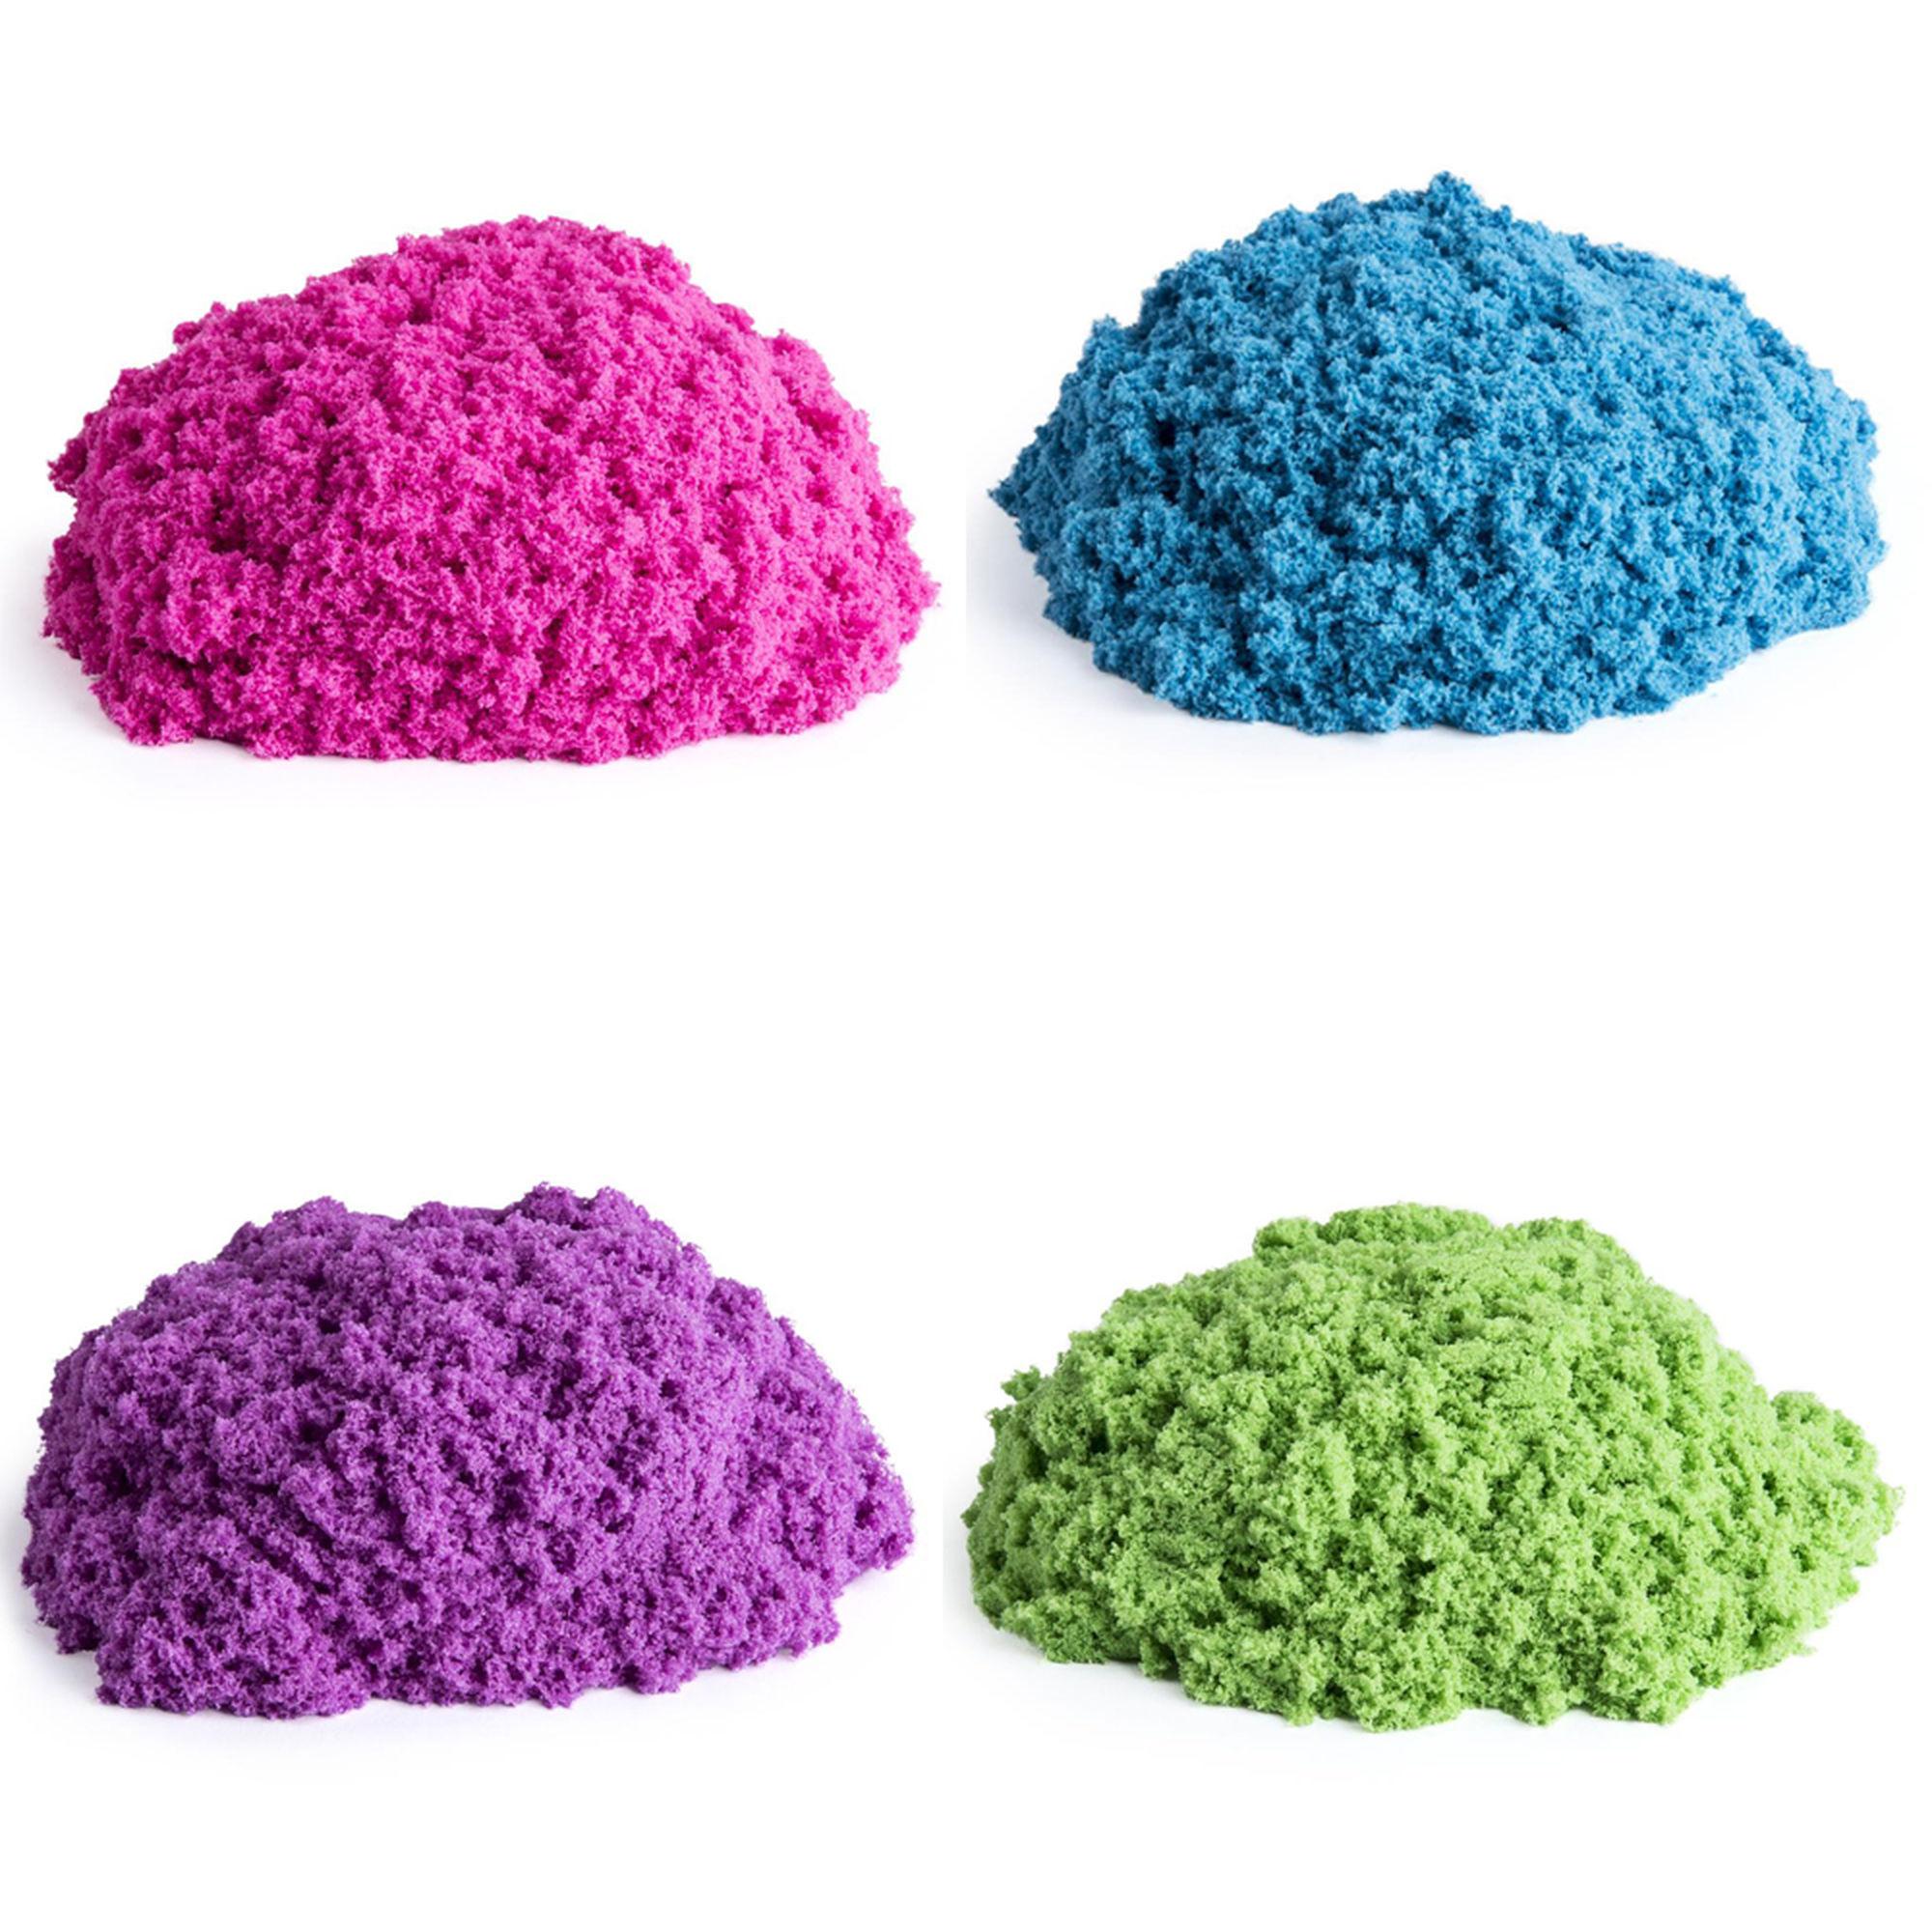 Vous pouvez faire différentes couleurs de sable